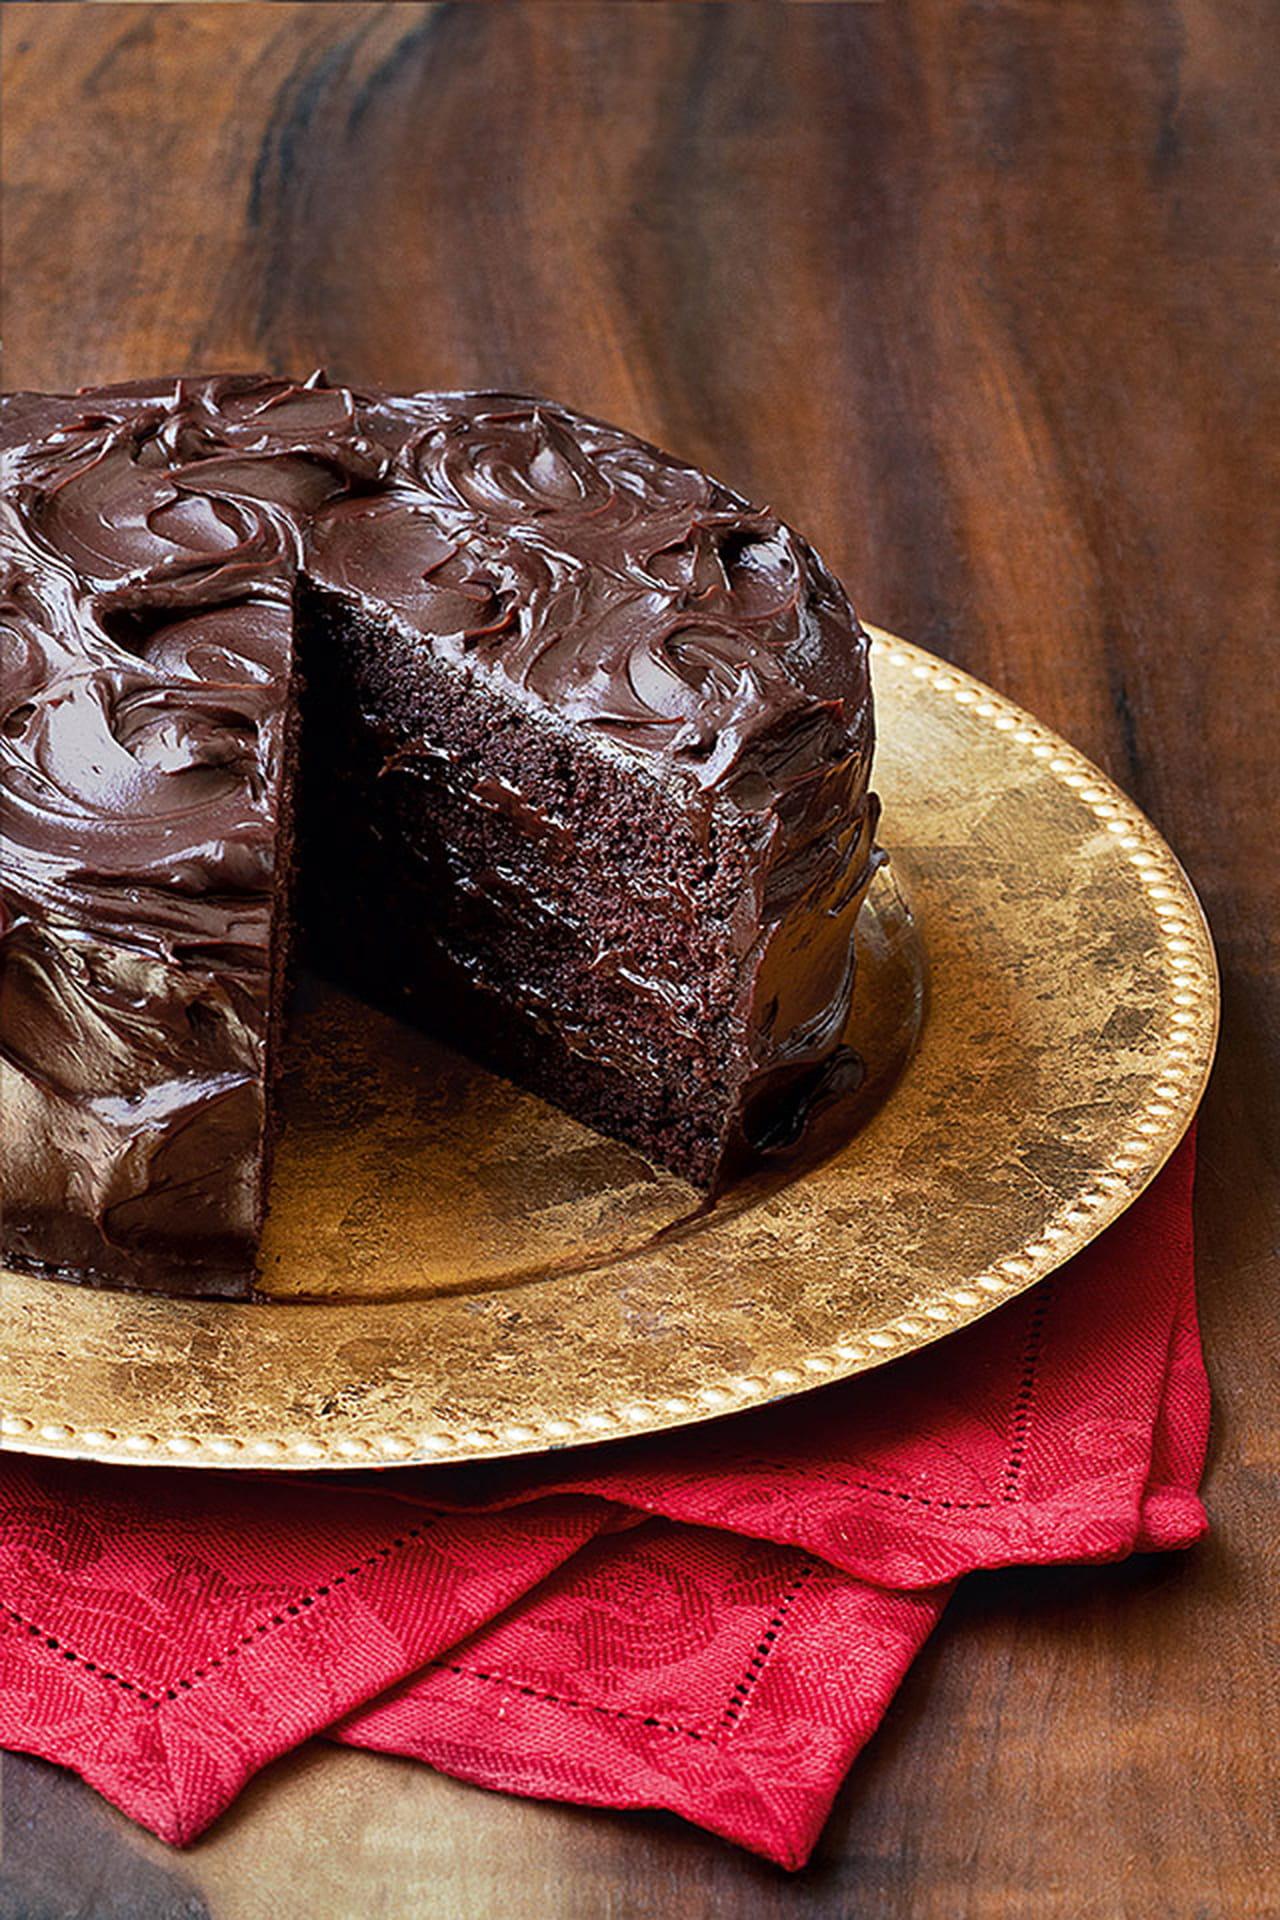 Sobremesas com chocolate